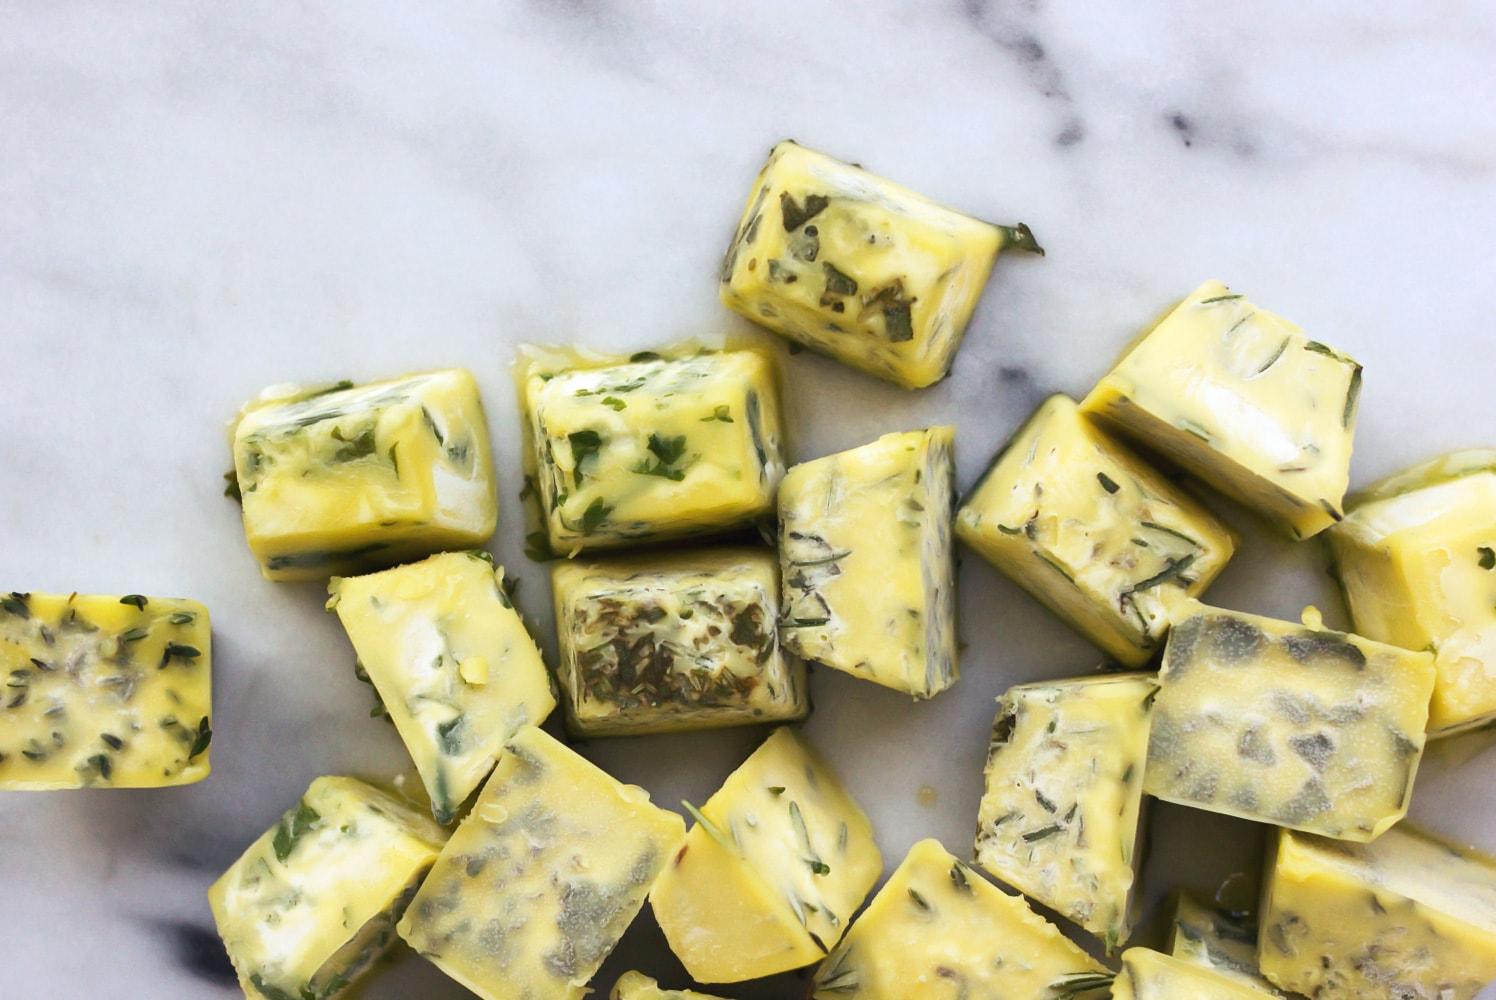 Dört mevsim yemeklerde kullanabileceğiniz taze baharatlı zeytinyağı küpleri hazırlayın